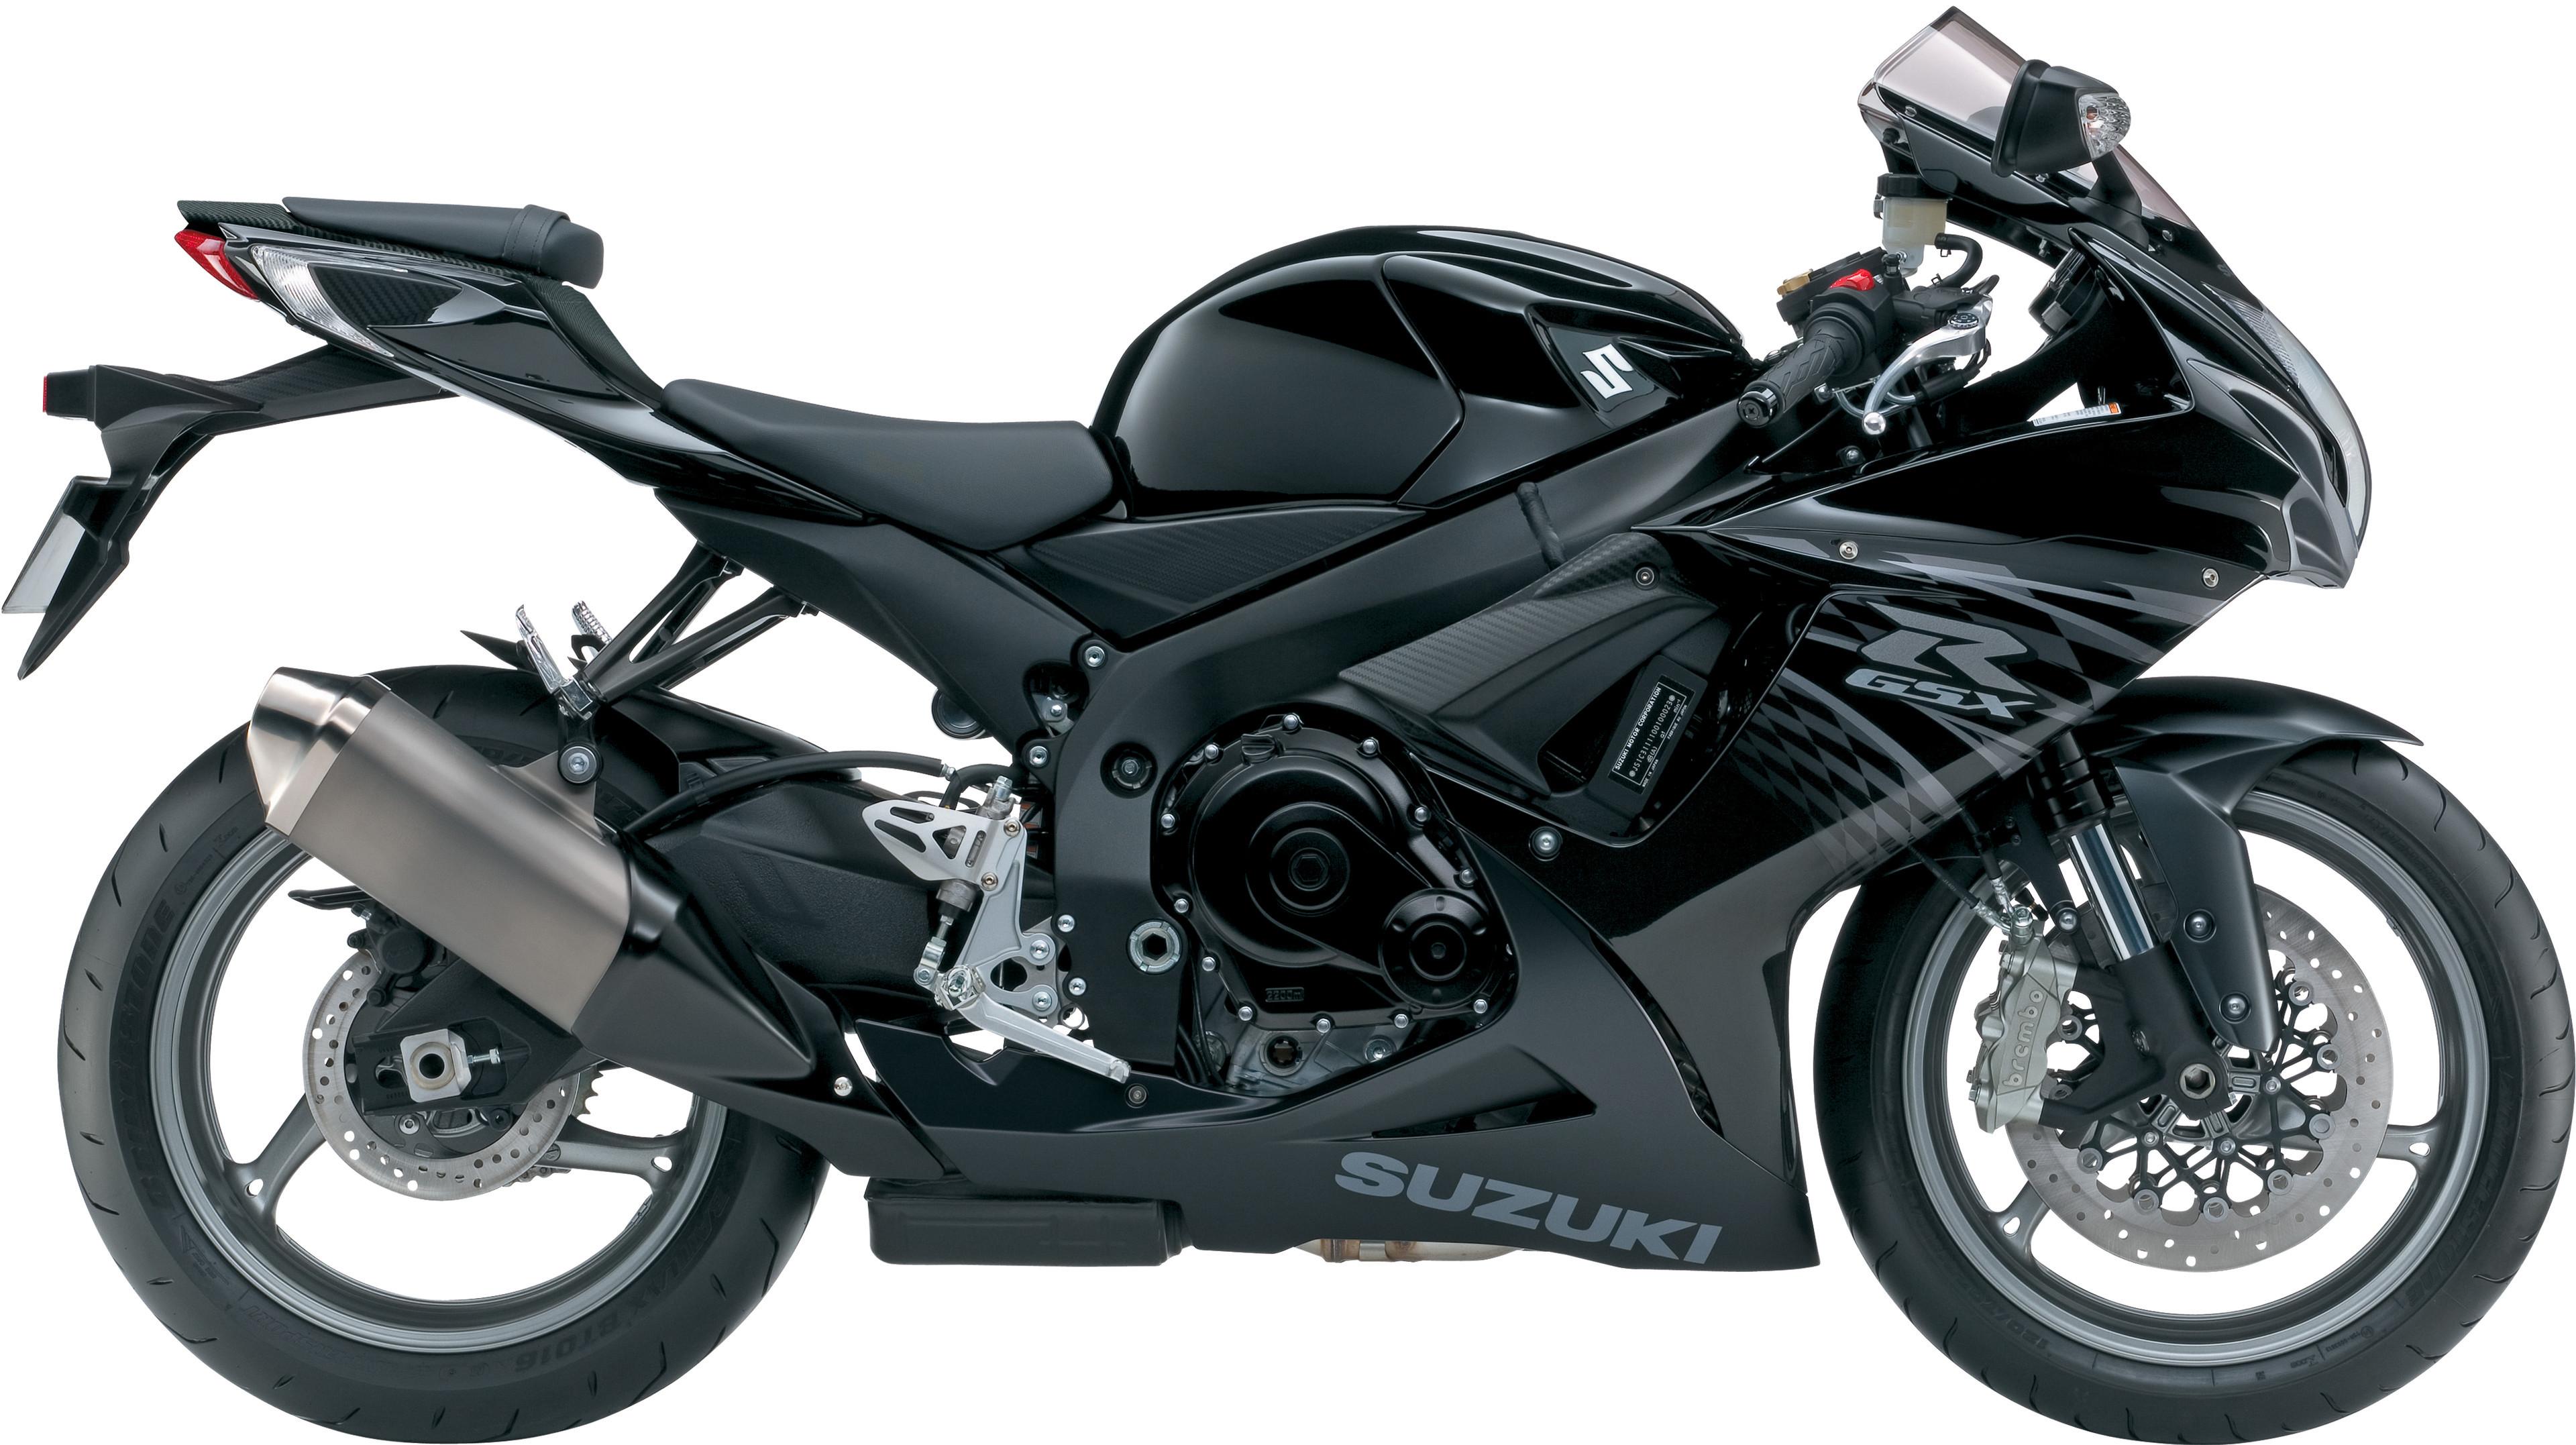 Motor Black Front Rider Pillion Seat For Suzuki GSXR 600 GSX-R 750 2006-2007 New